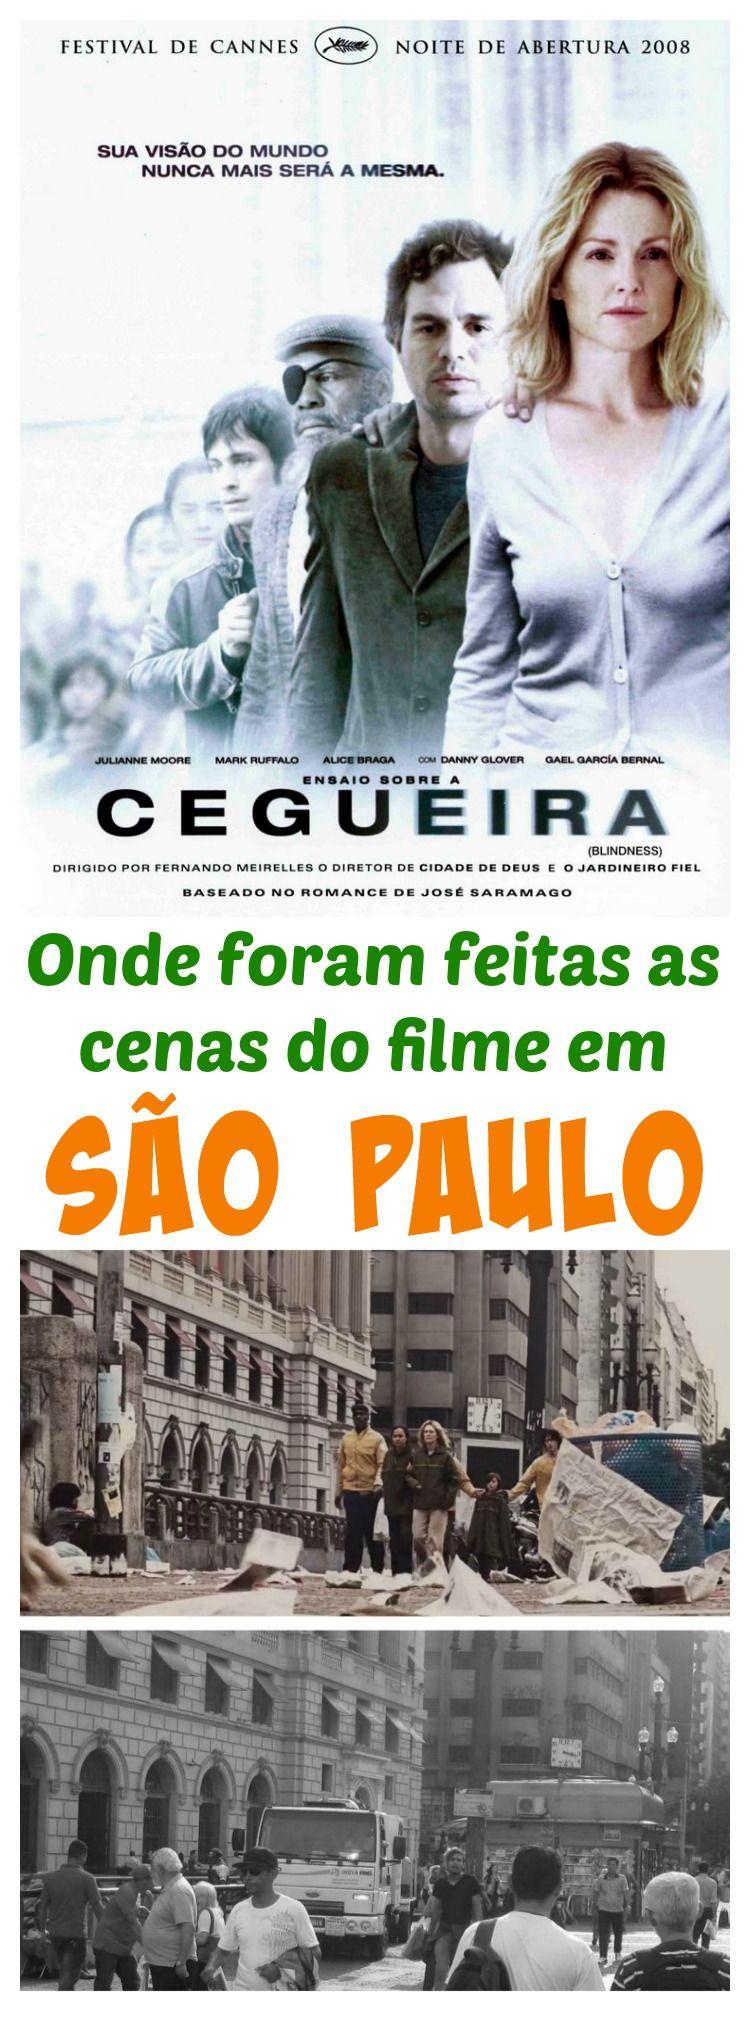 As Locacoes De Ensaio Sobre A Cegueira Em Sao Paulo Filme De